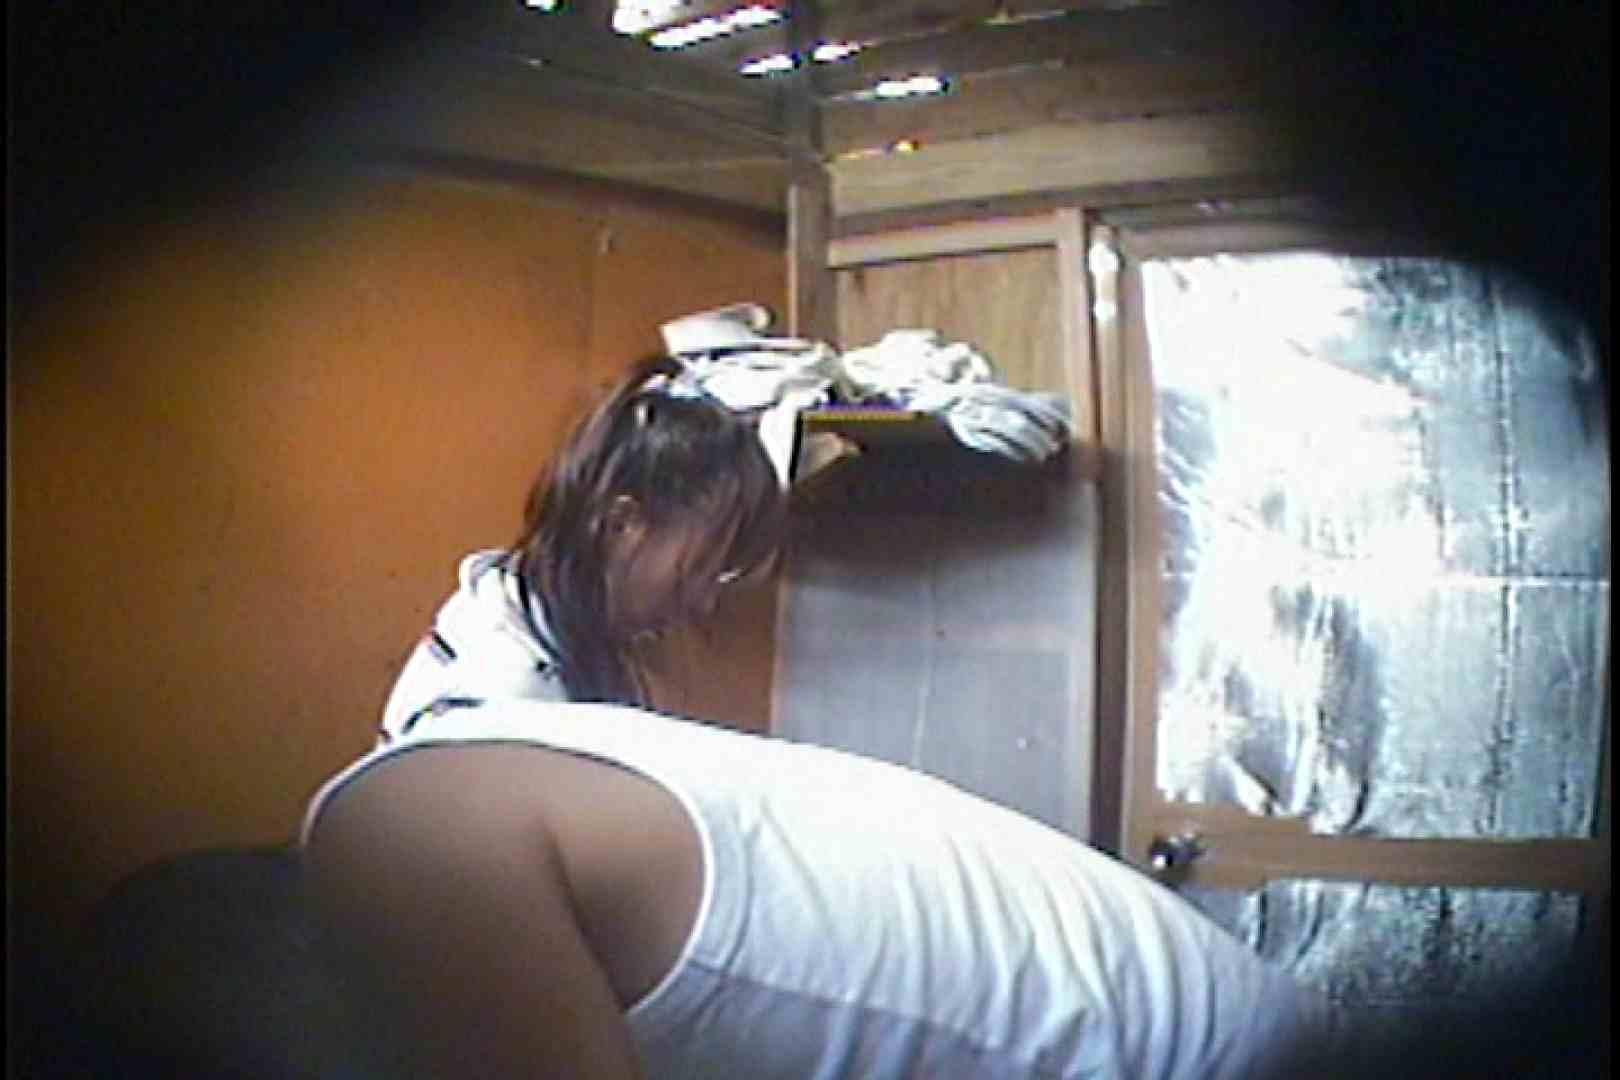 海の家の更衣室 Vol.57 美女  91pic 13